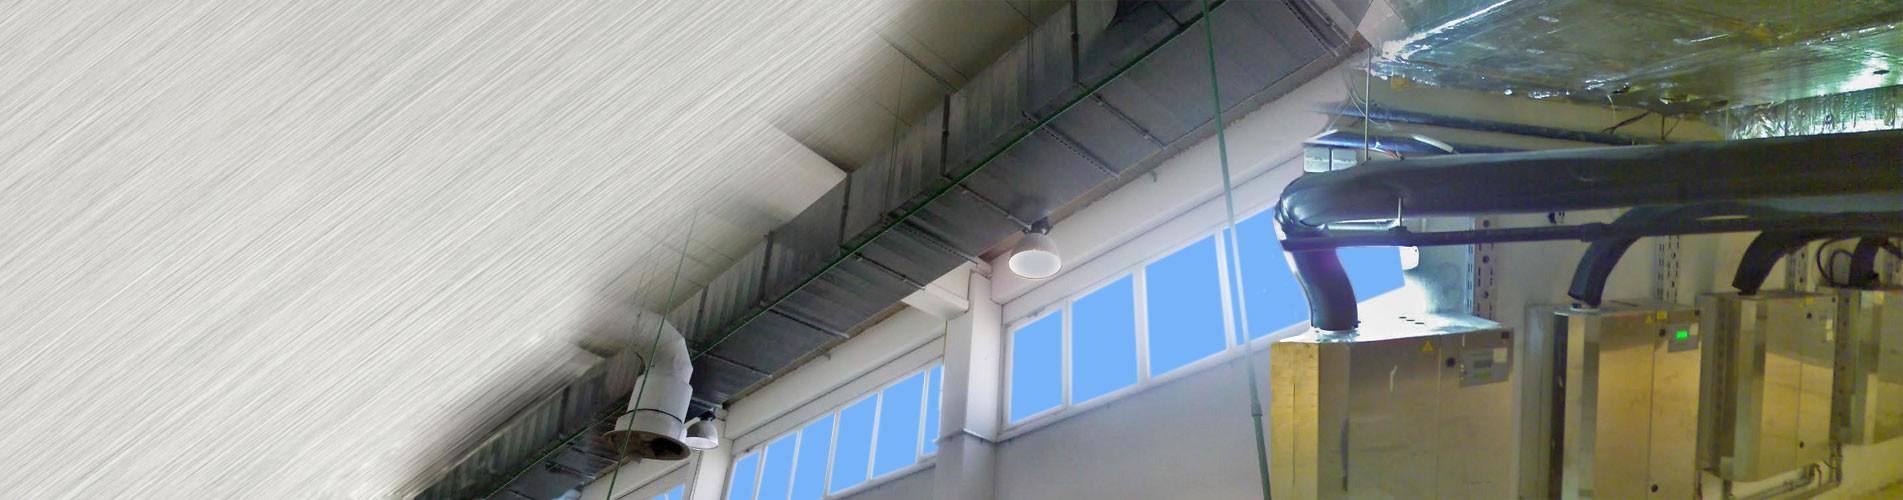 Odvlaživanje i vlaženje zraka u industriji